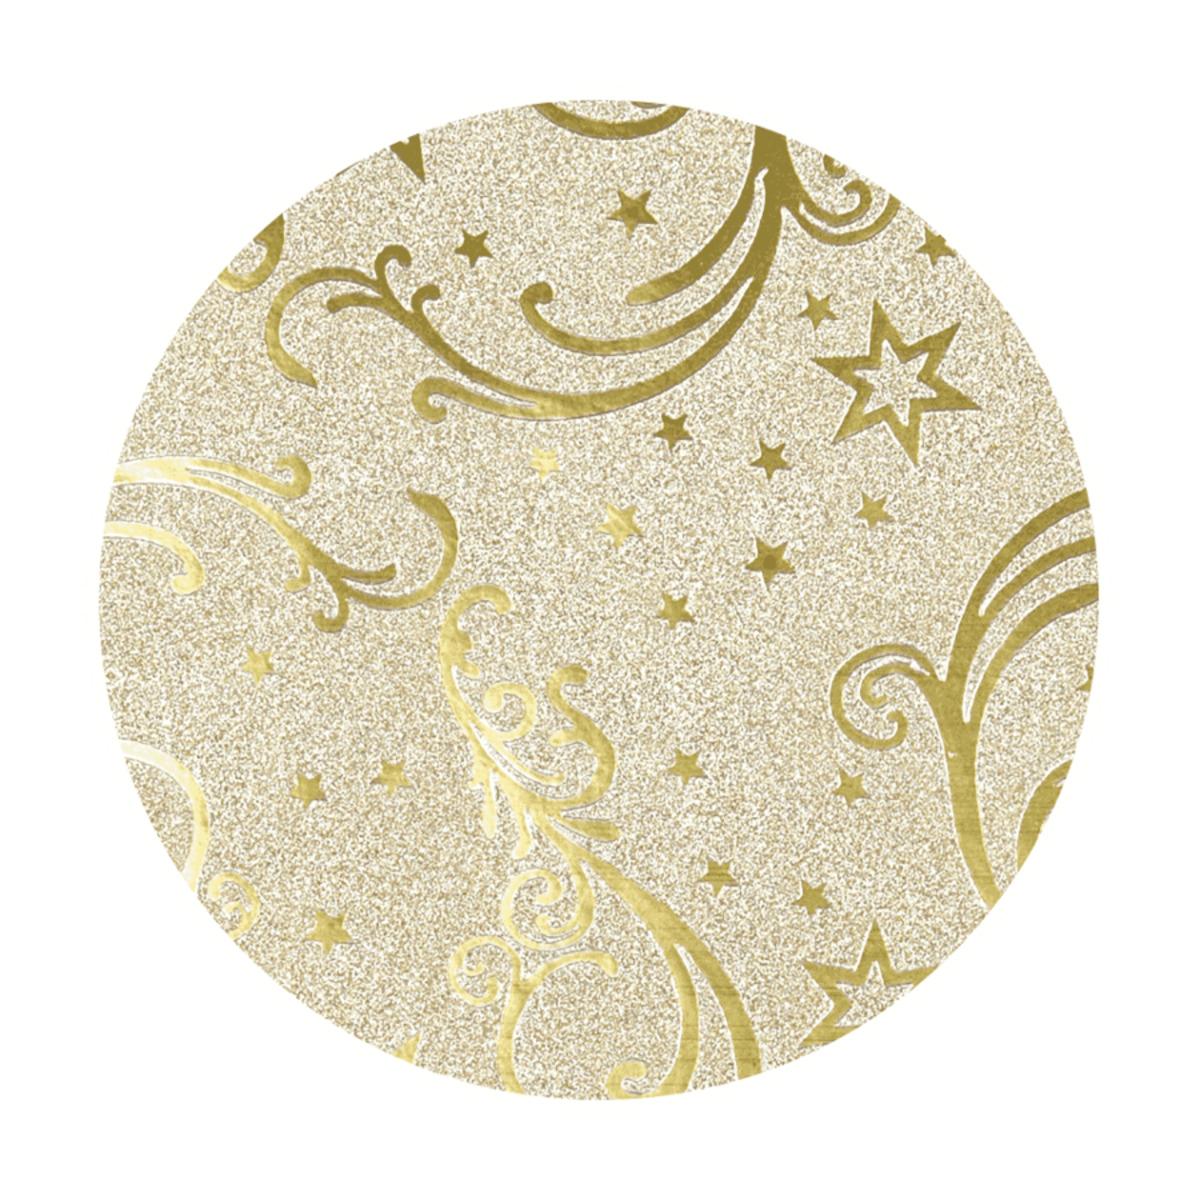 Bild 2 von LIVING ART Glitter-Hologramm-Geschenkpapier